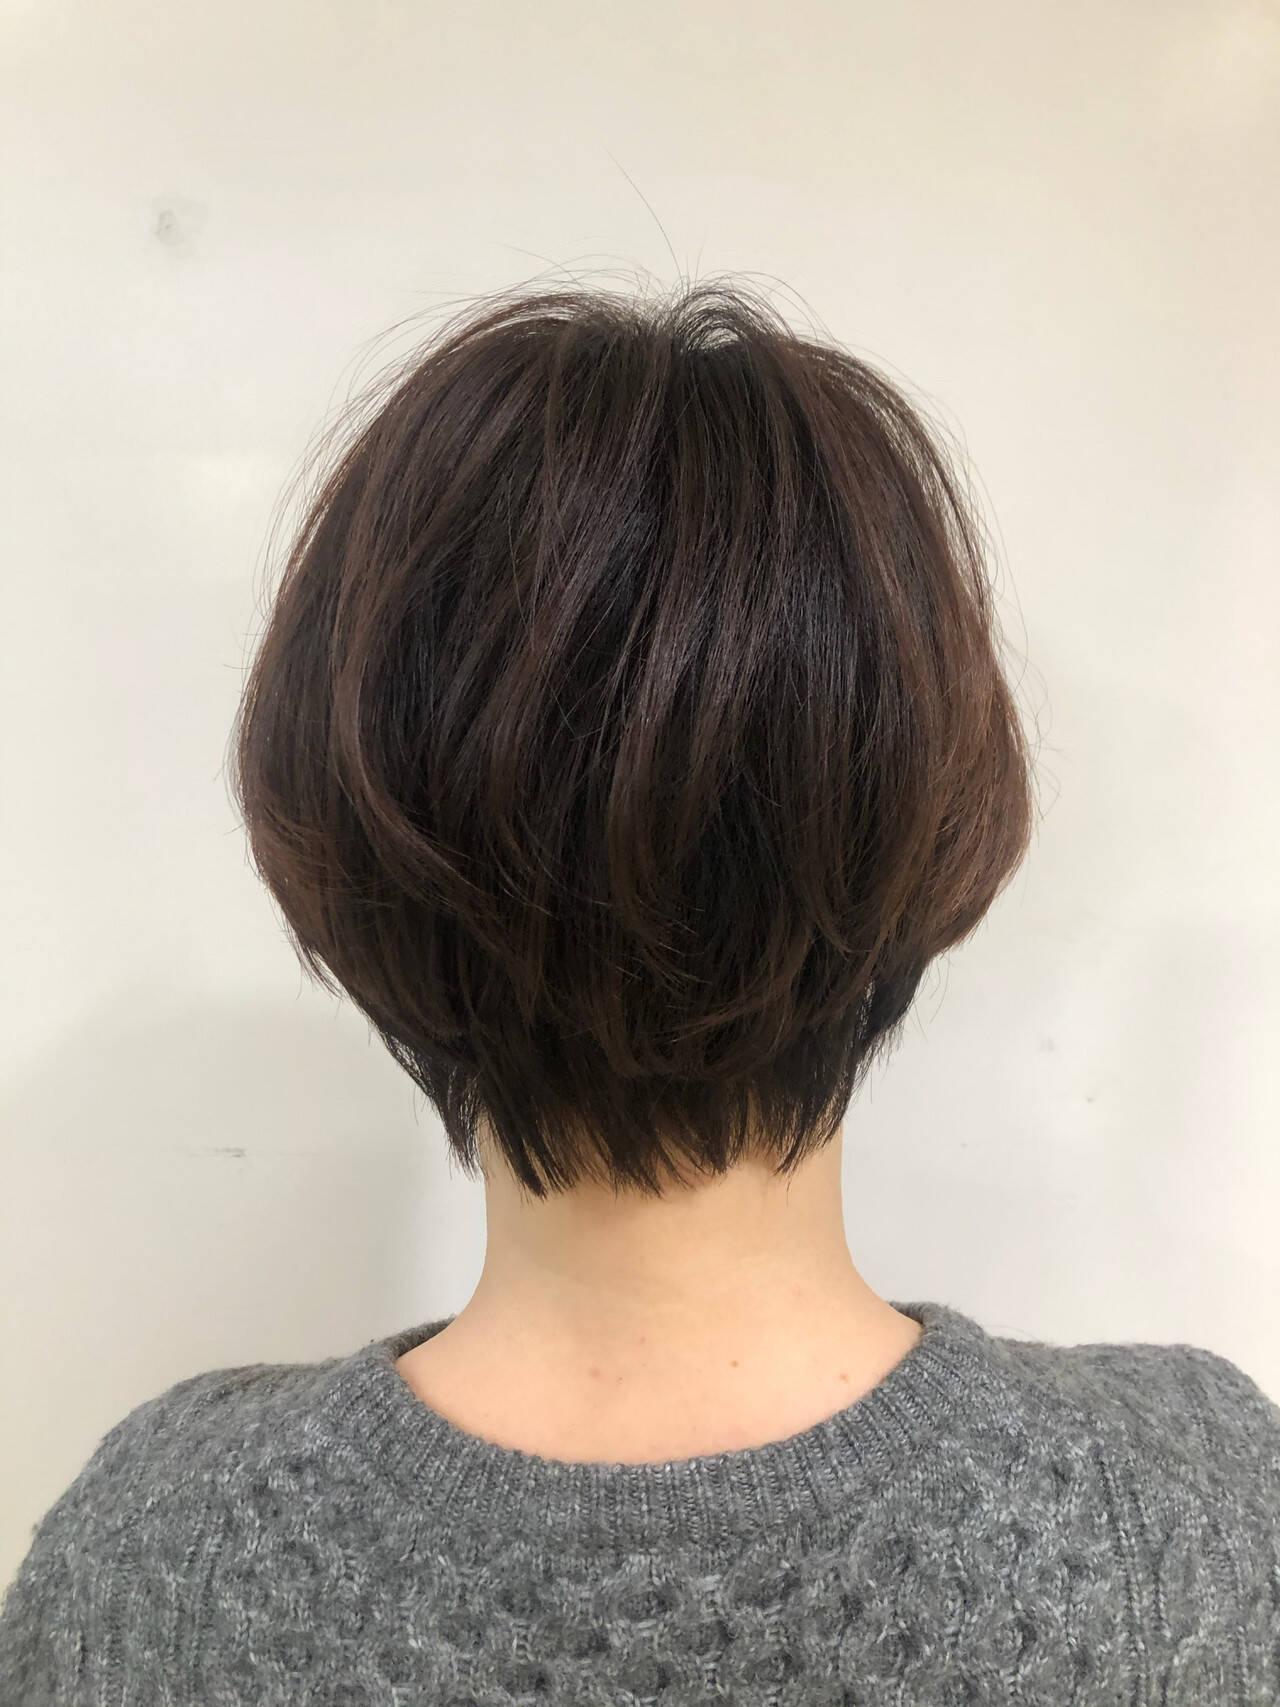 ミニボブ ハンサムショート ショートボブ マッシュショートヘアスタイルや髪型の写真・画像